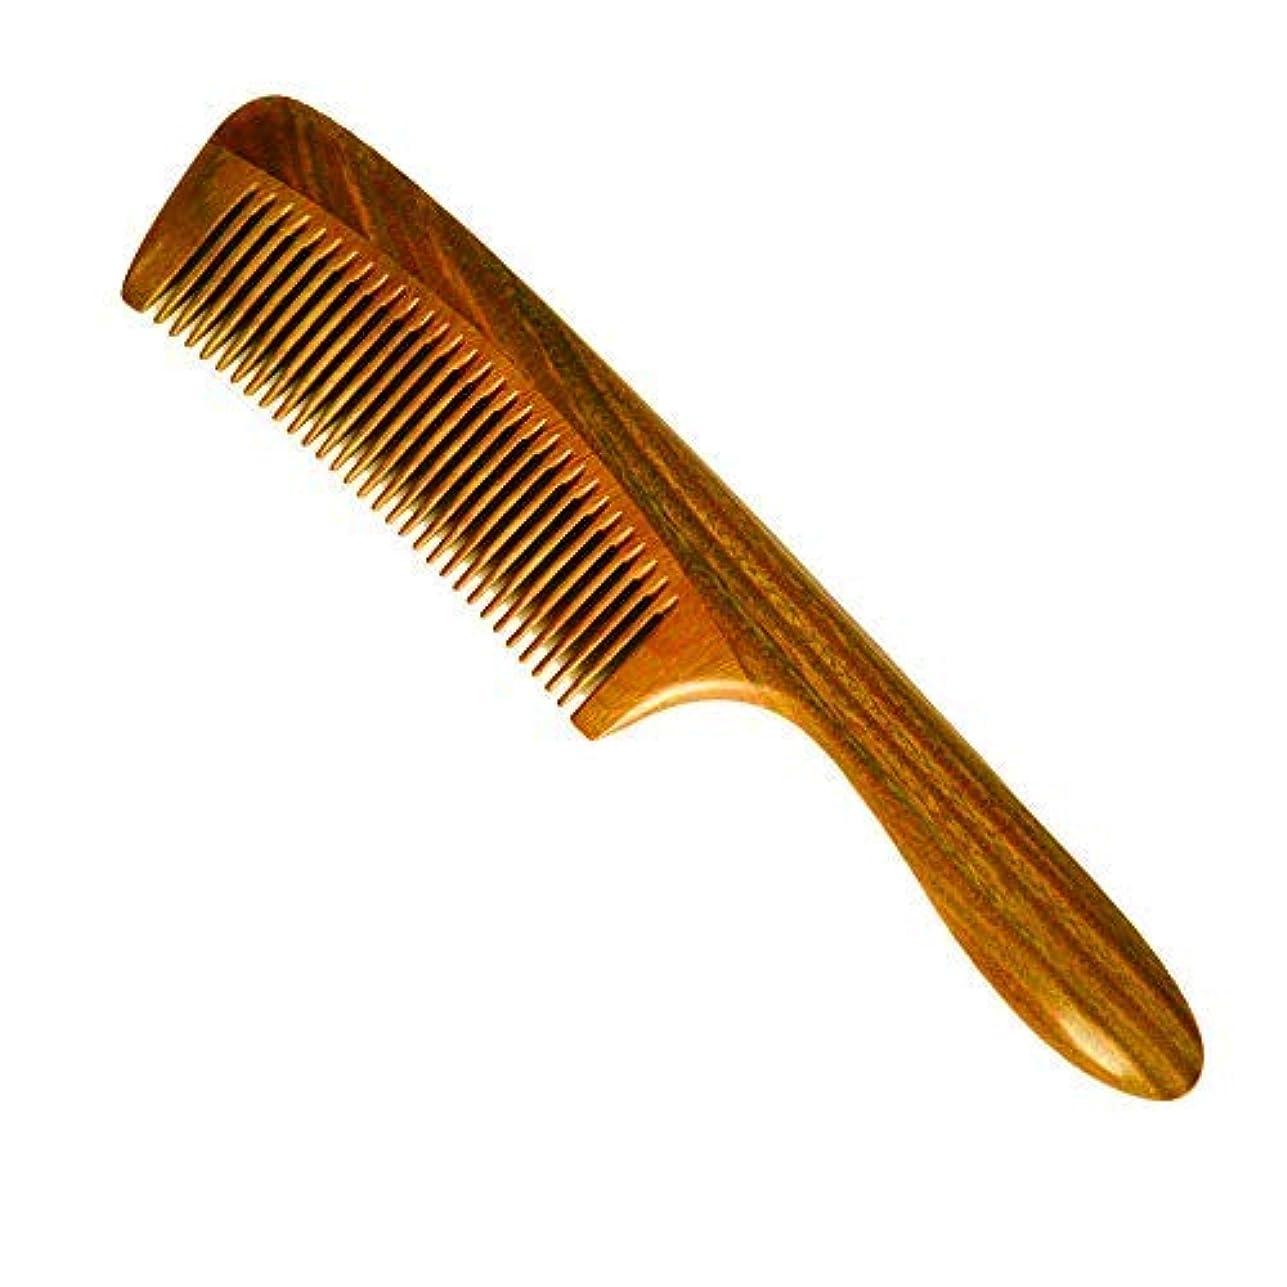 オーブン郵便物同性愛者Hair Comb, Wooden Comb Tooth And Fine Tooth Wood Comb,Green Sandalwood, Women and Men Hair Combs (MR04) [並行輸入品]